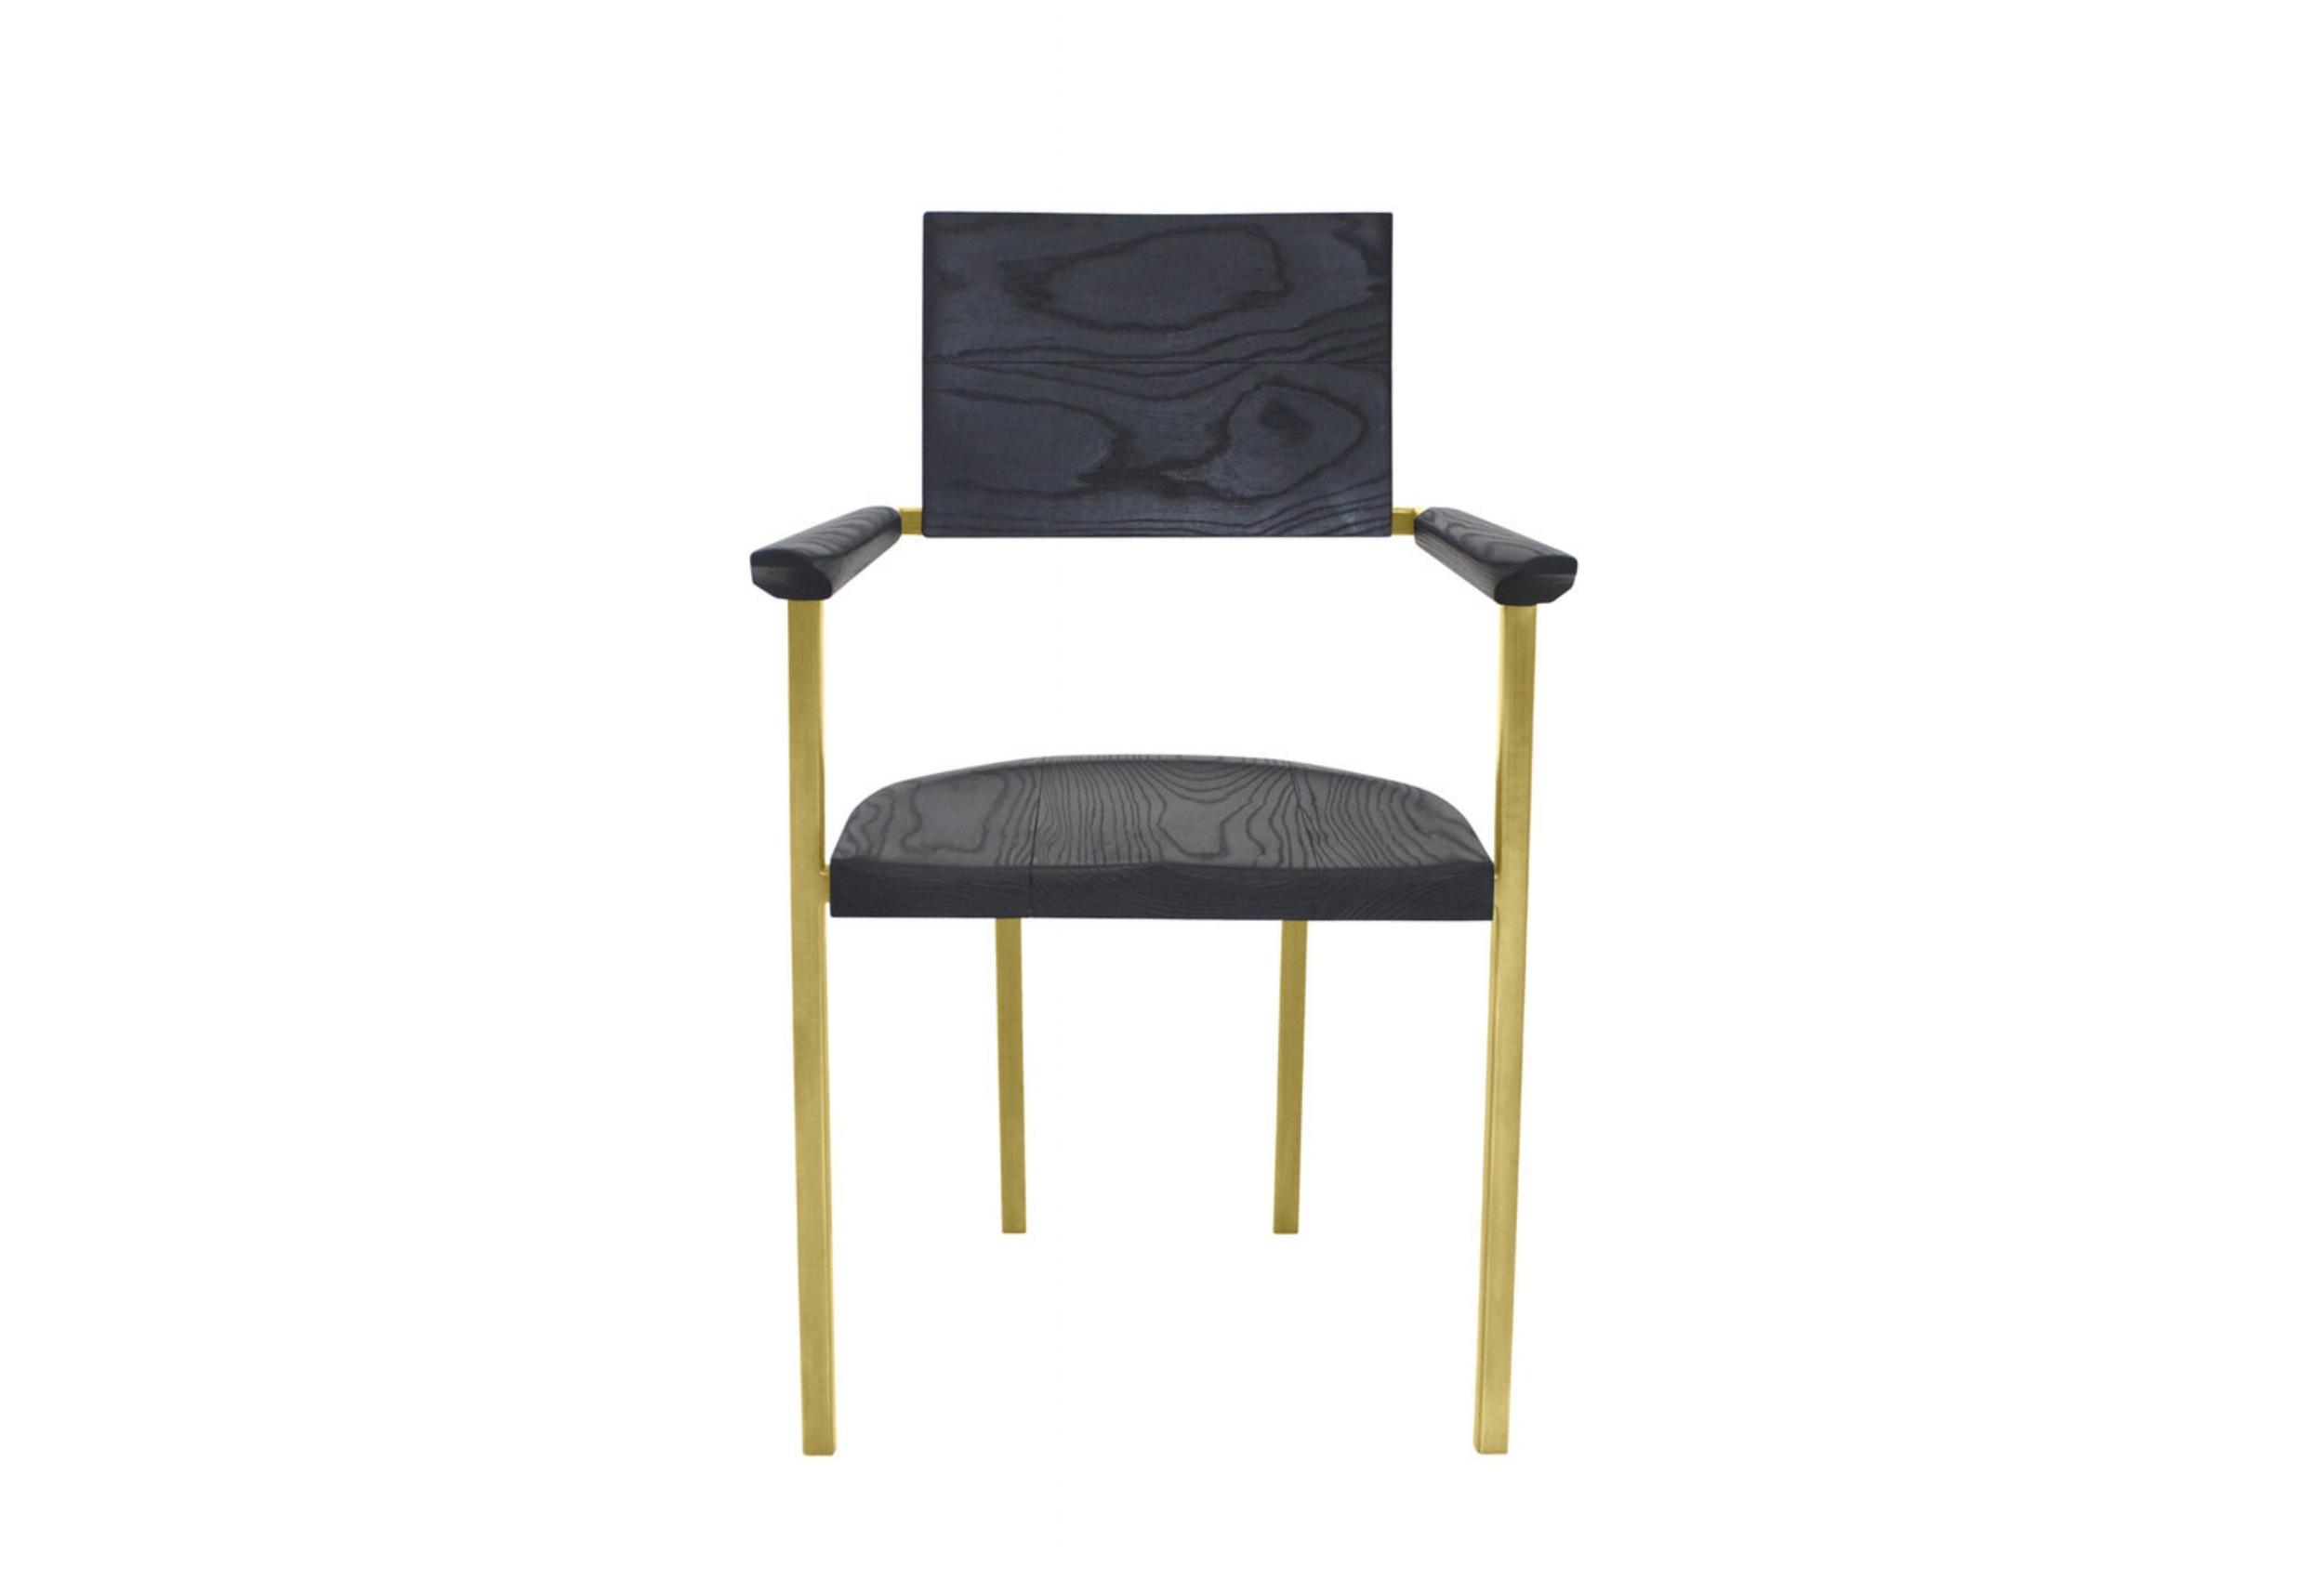 Stefan Rurak_Black Steel Chair_Charred3_9.25.2018.jpg